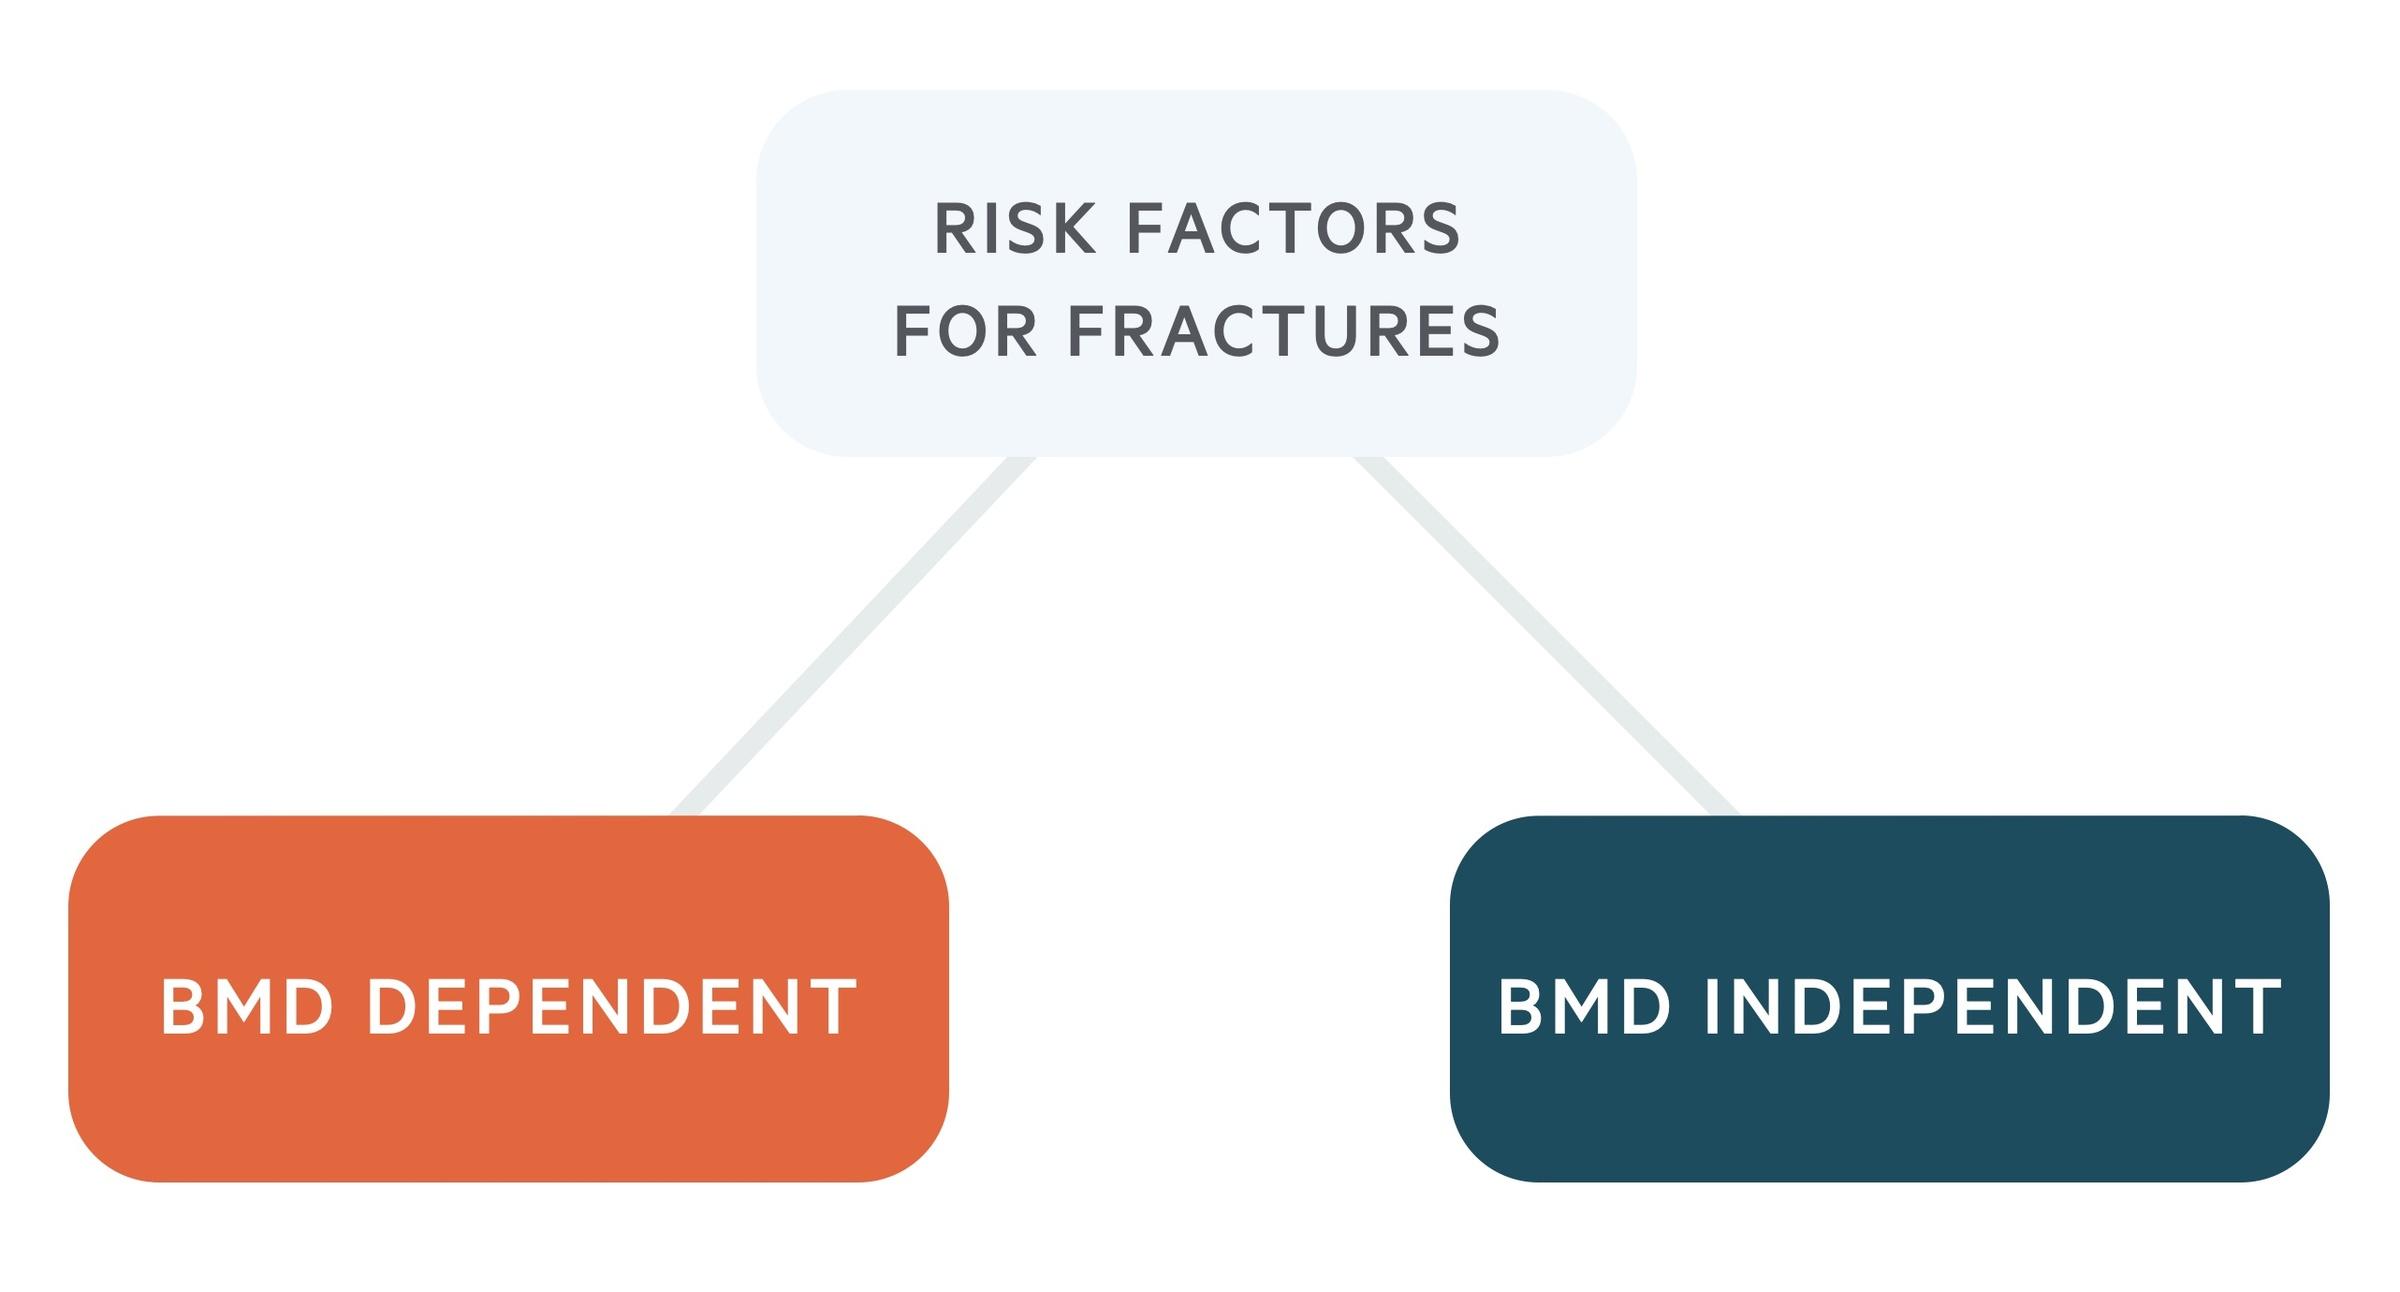 Fracture risk factors